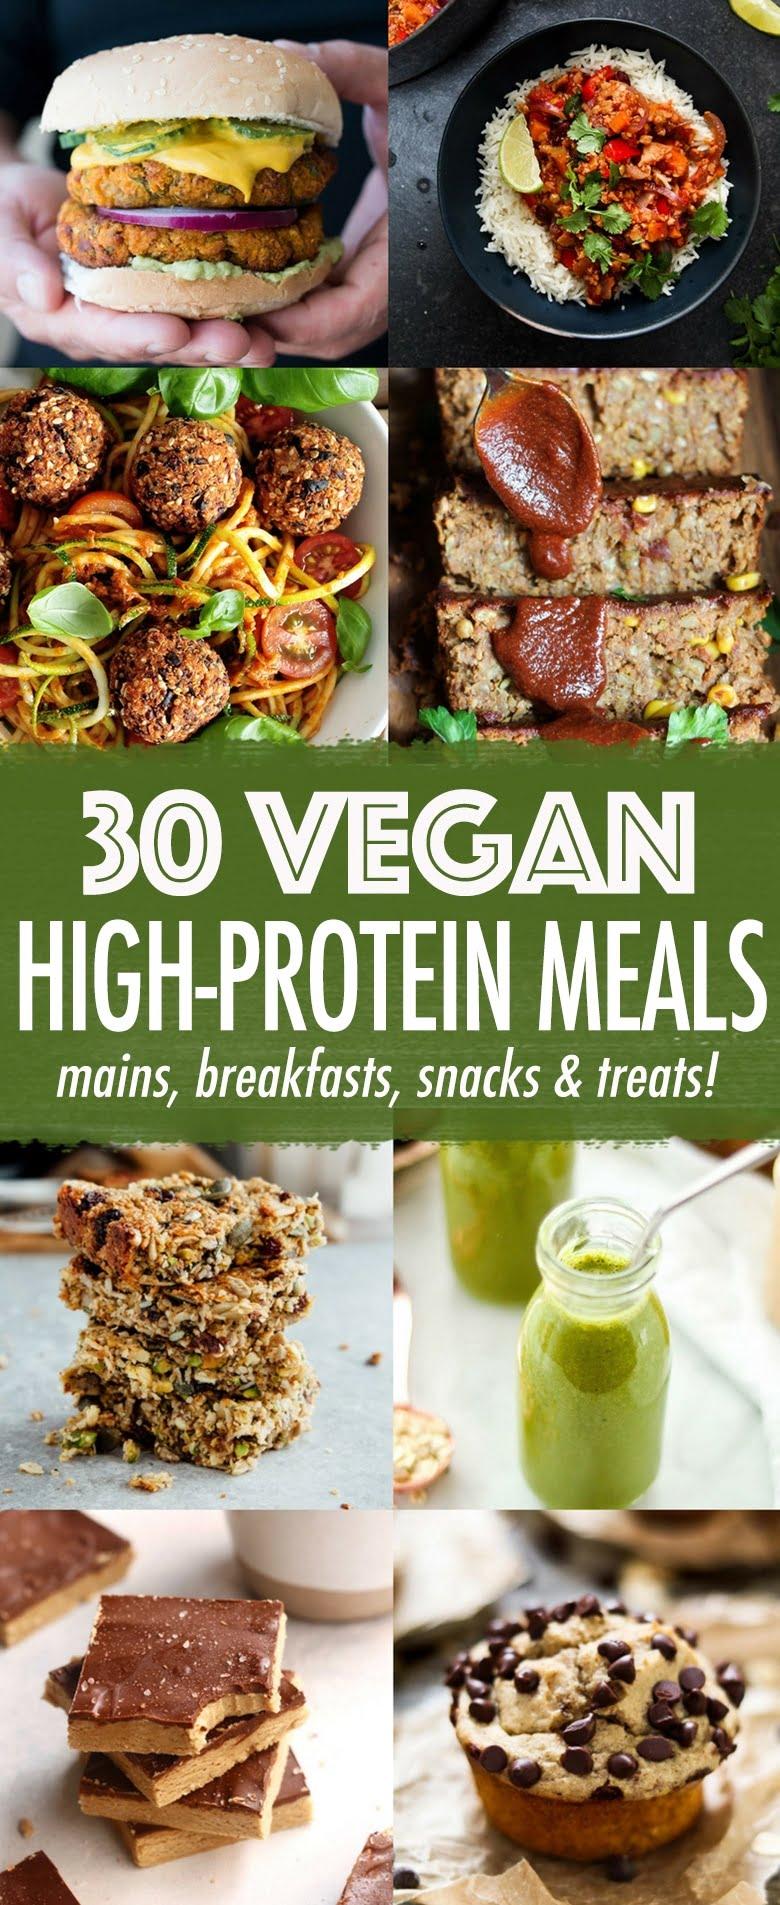 30 High Protein Vegan Meals Wallflower Kitchen